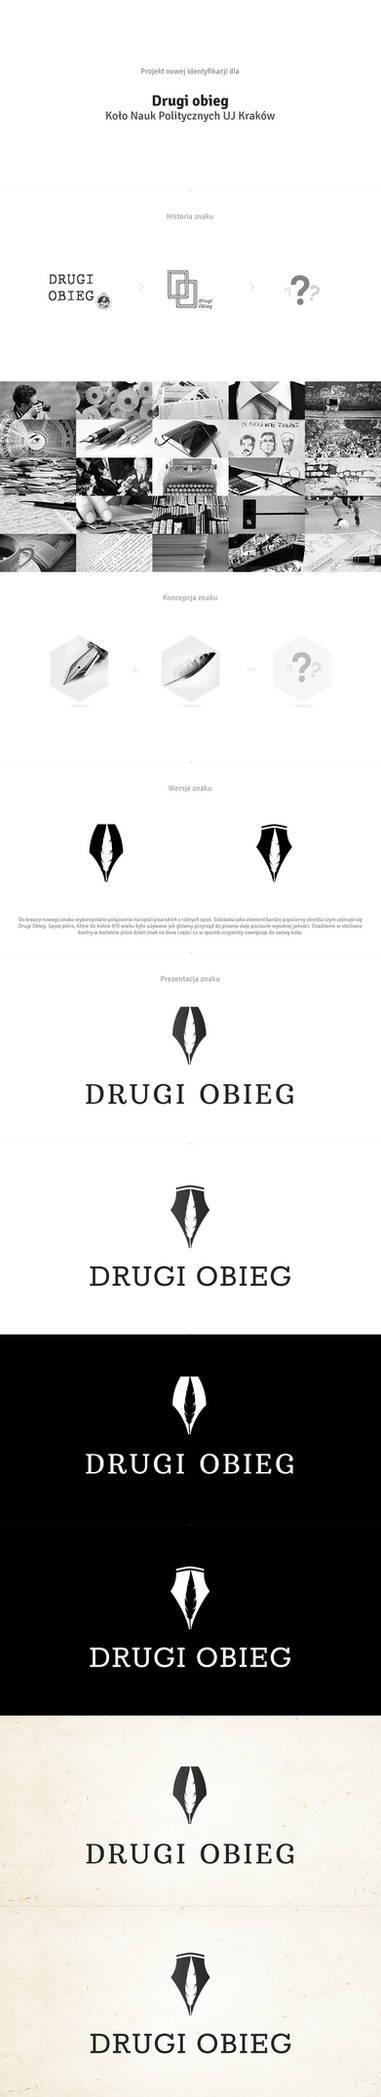 DRUGI OBIEG